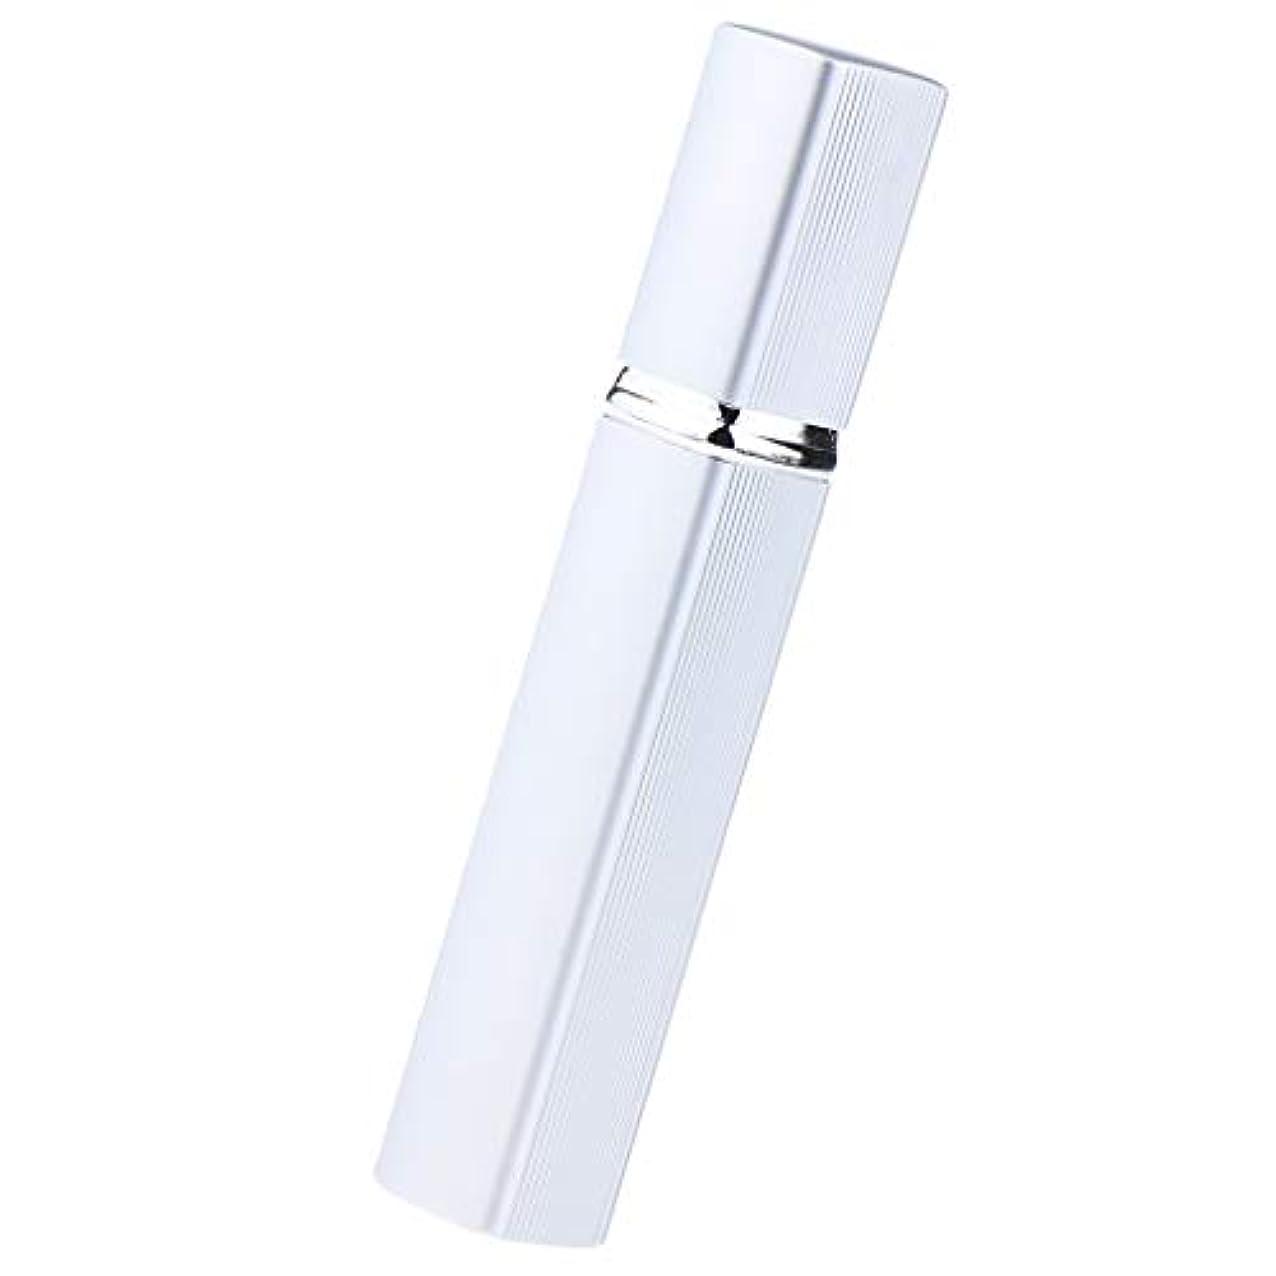 肥料肥料ミル香水瓶 スプレー 香水ボトル ガラス スプレーボトル 12ml 香りアトマイザー 多色選べ - 銀